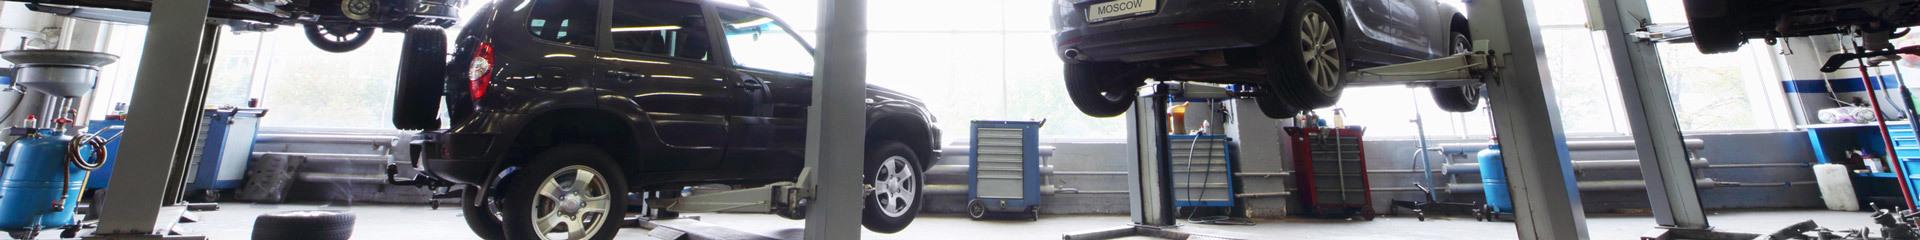 Automotive Garages & Shops